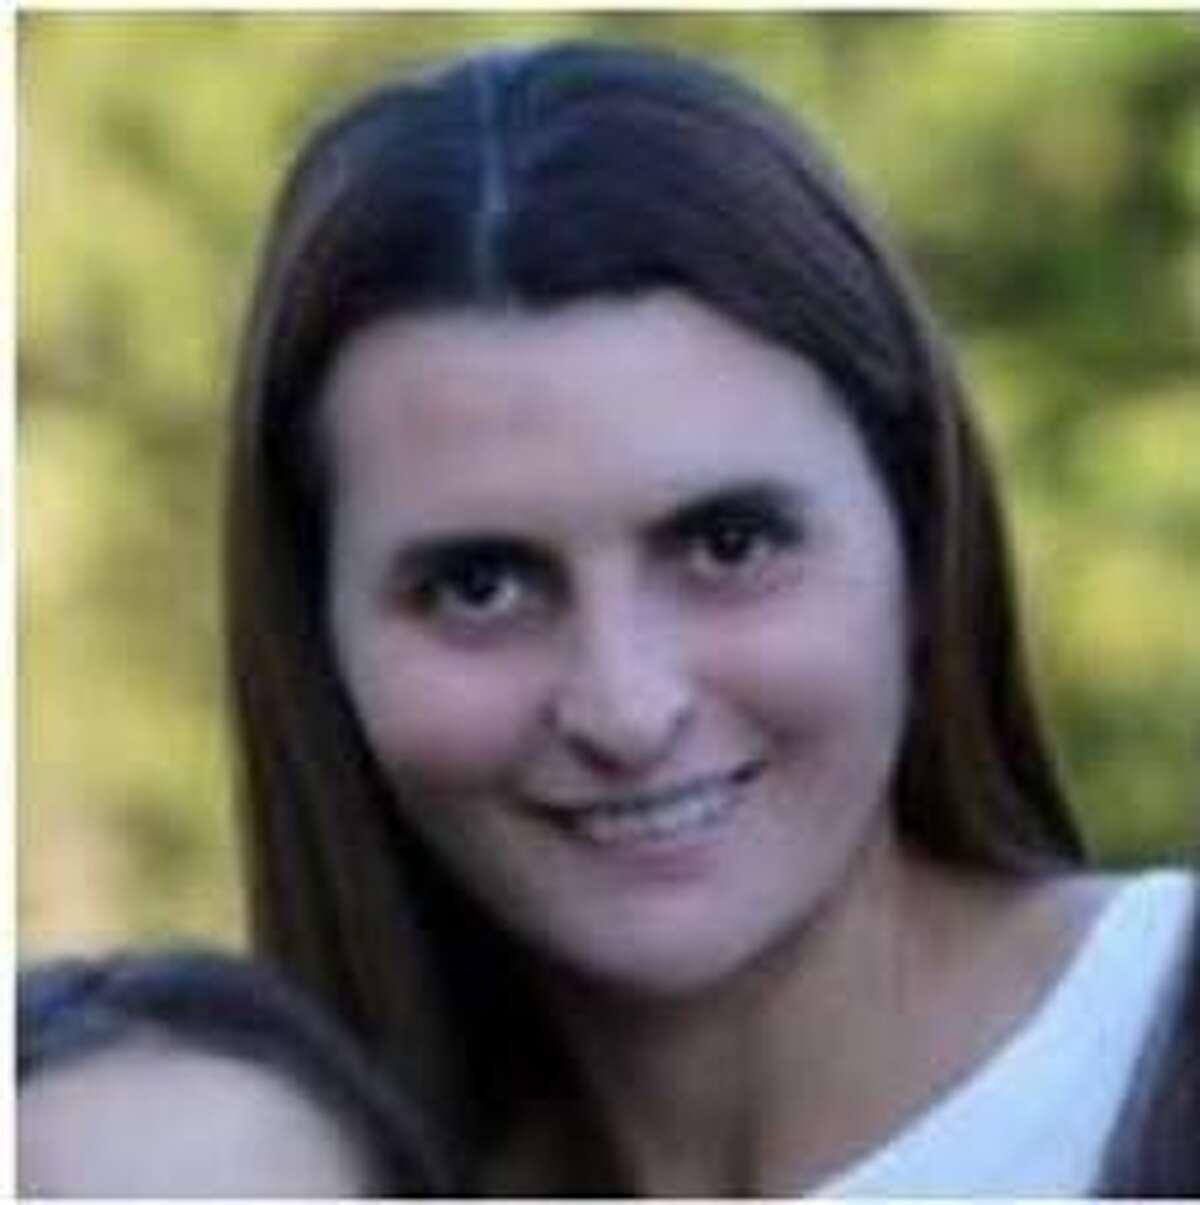 Karolina Martinez